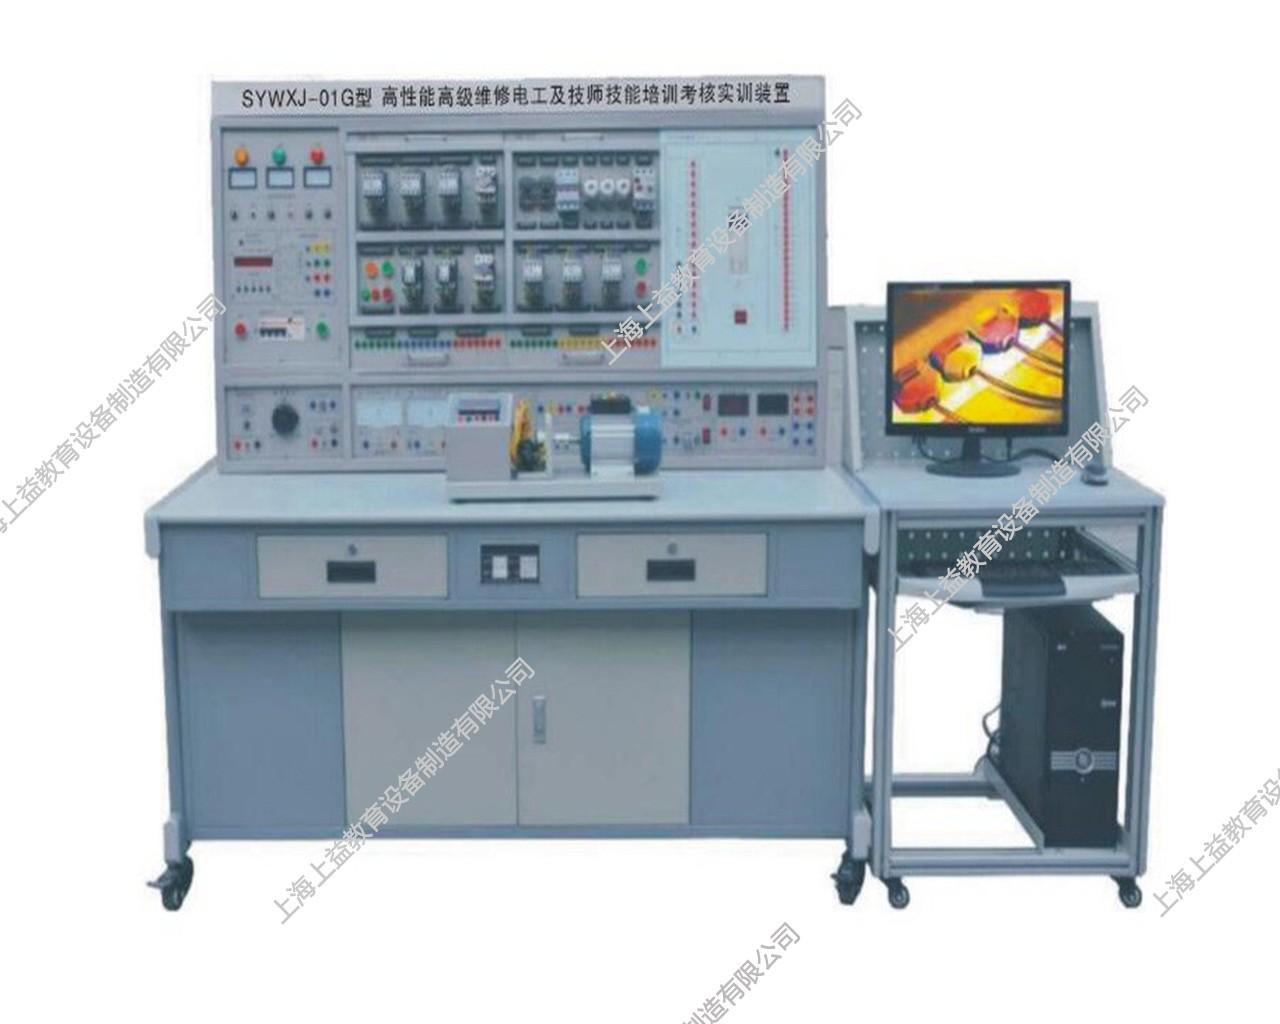 SYWXJ-01G高性能高级维修电工及技师技能培训lehu68vipwwwlehu8vip装置